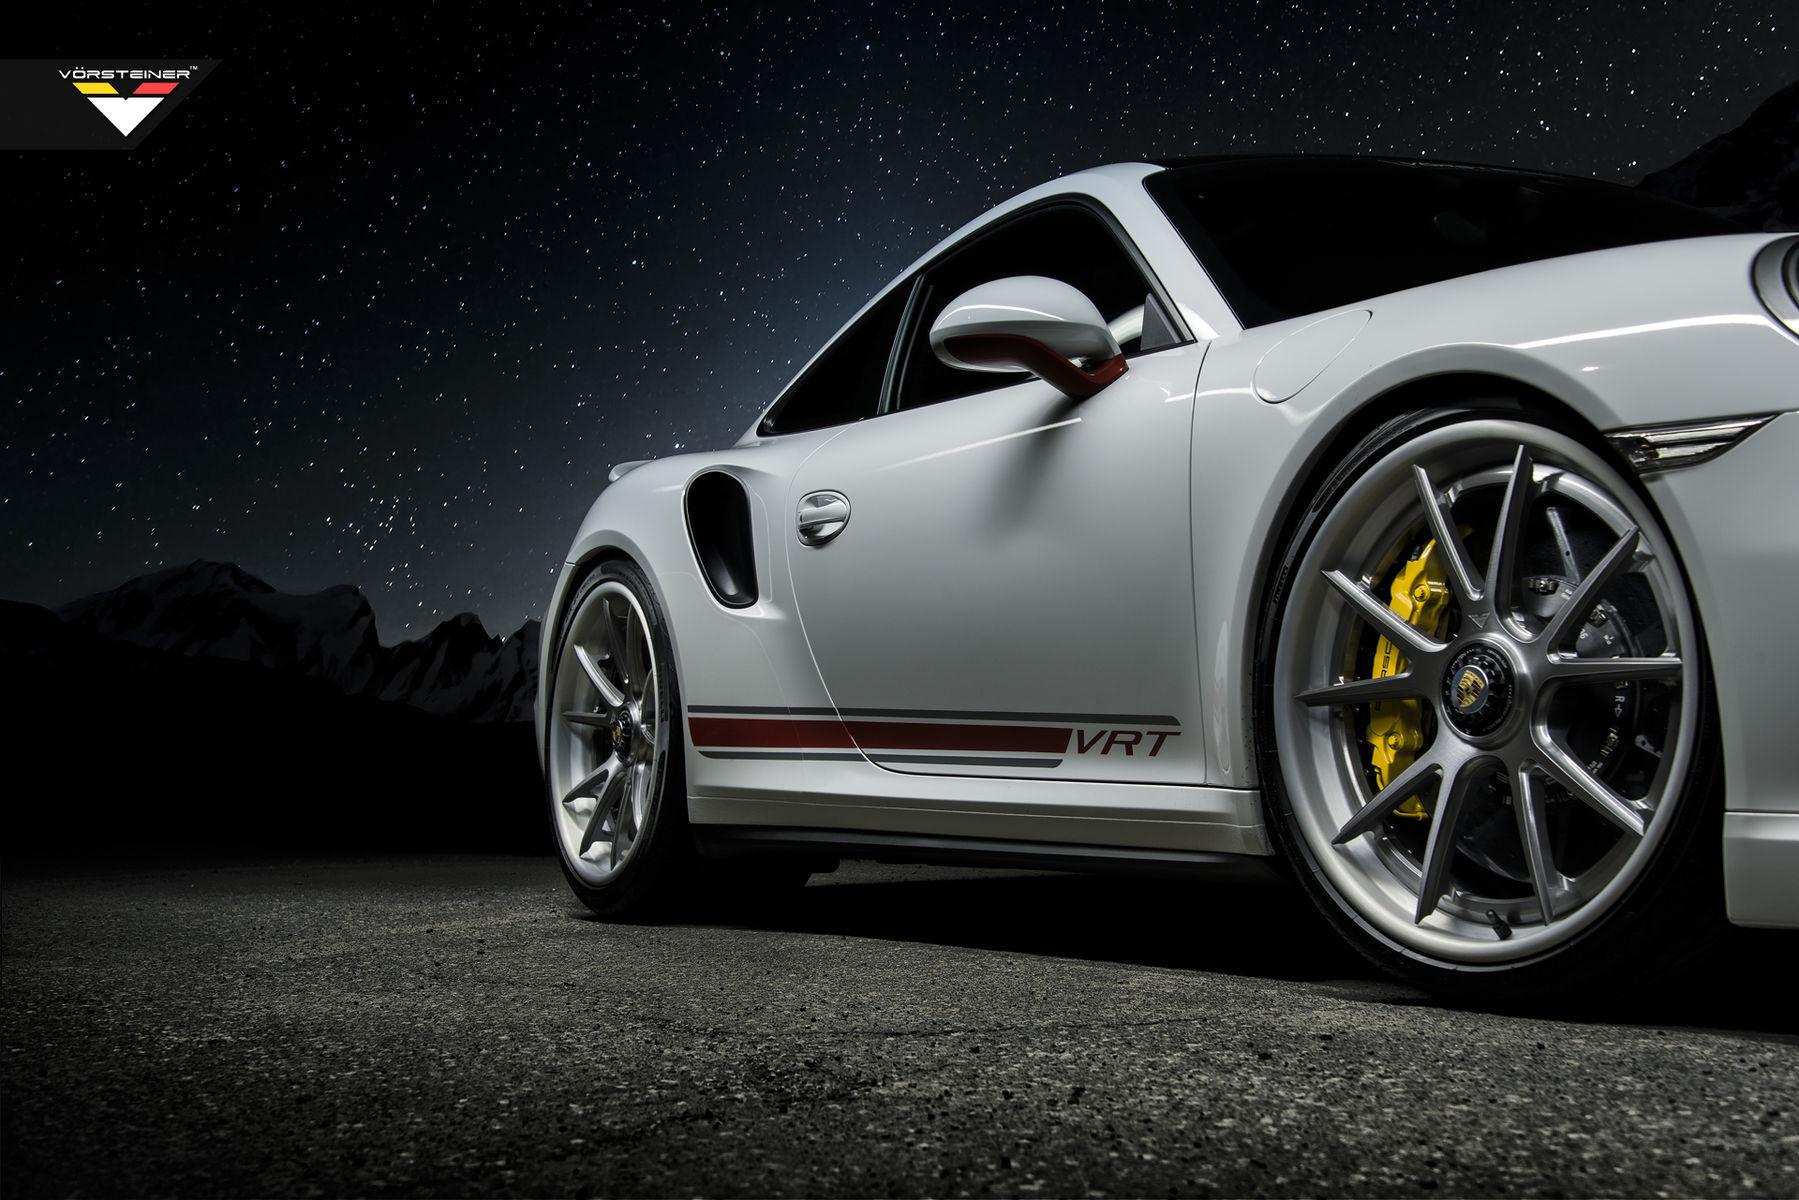 2013 Porsche 911 | Porsche 911 V-RT Edition Carrera Turbo